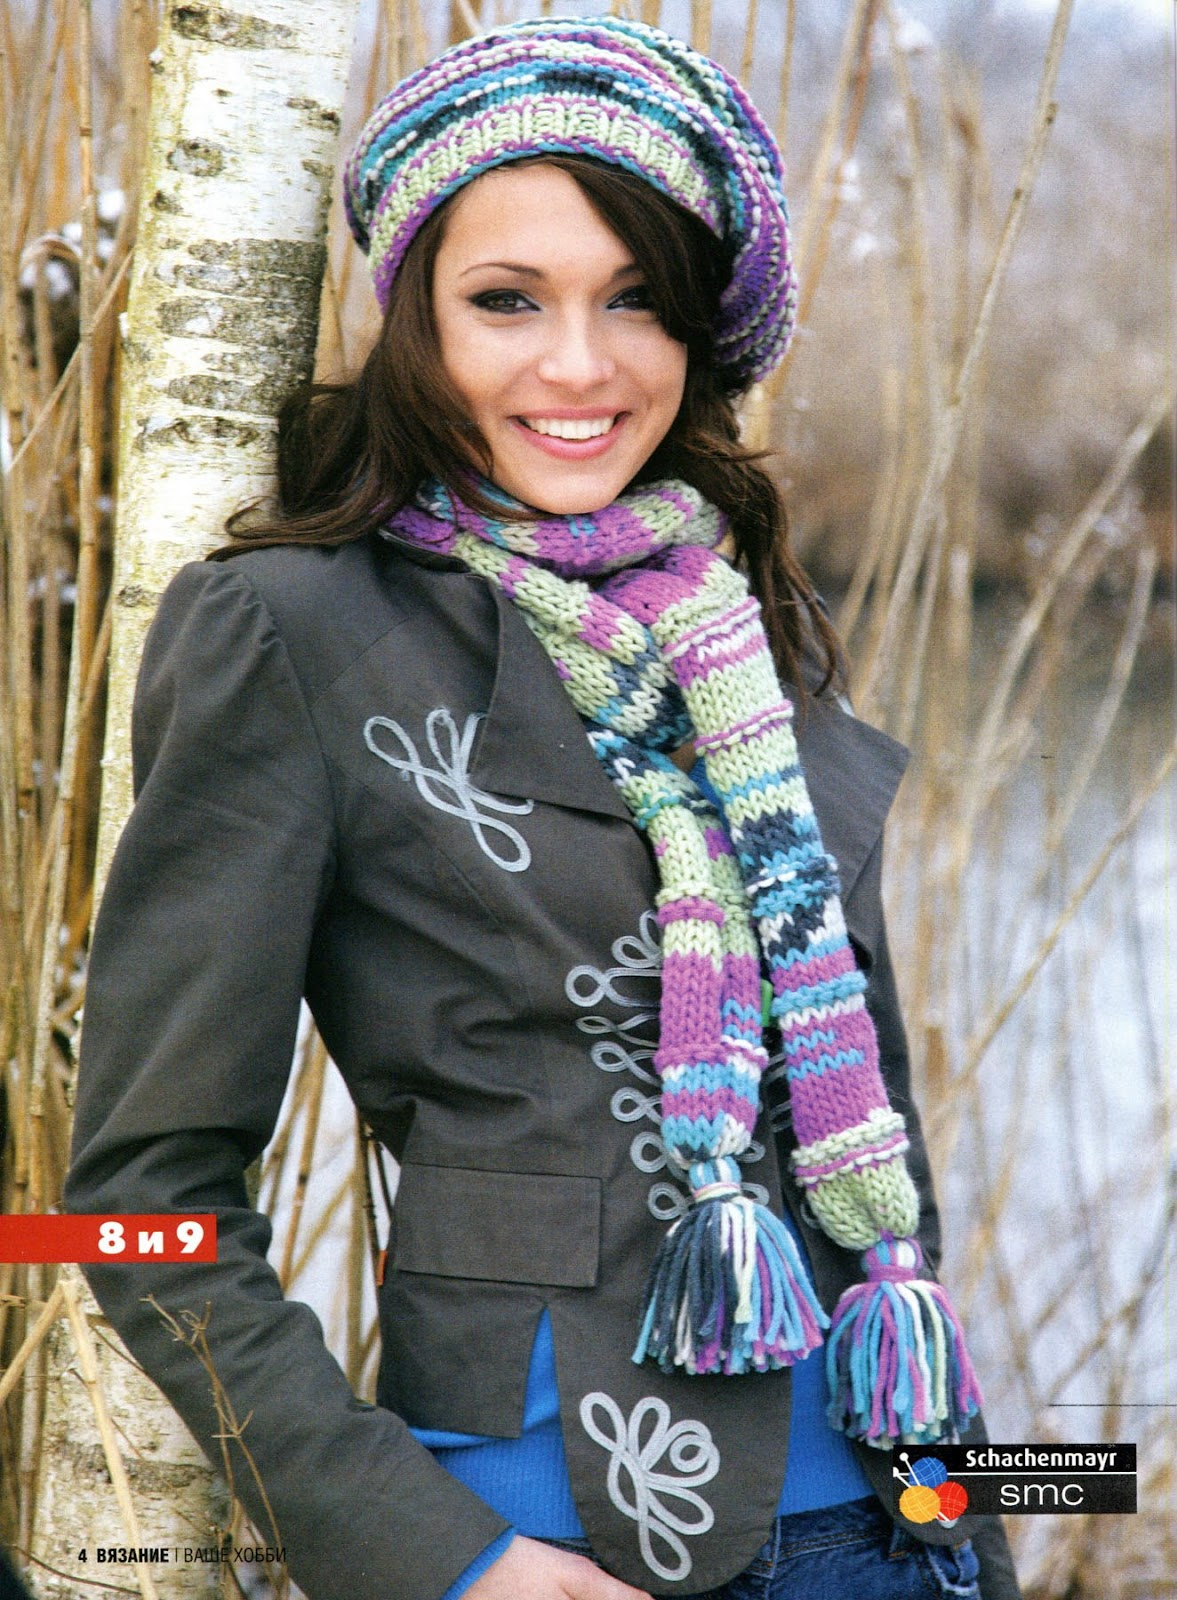 Шапочка и шарф спицами схема вязания. шапки. шарфы.  Шапочка и шарфик связаны спицами 7-8 из меланжевой пряжи.